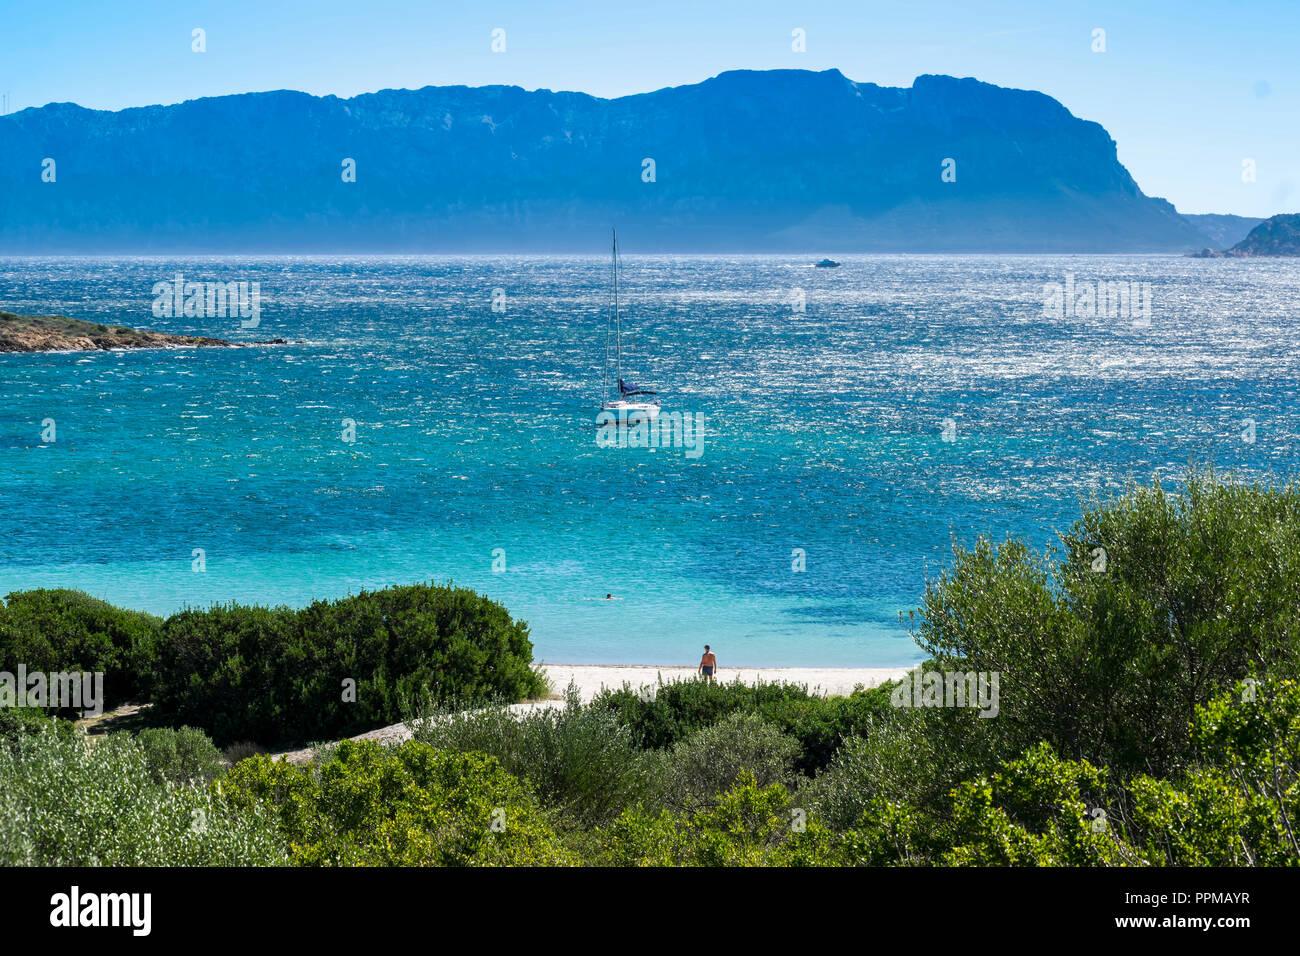 Cala Banana beach - Olbia - Sardinia - Italy - Stock Image